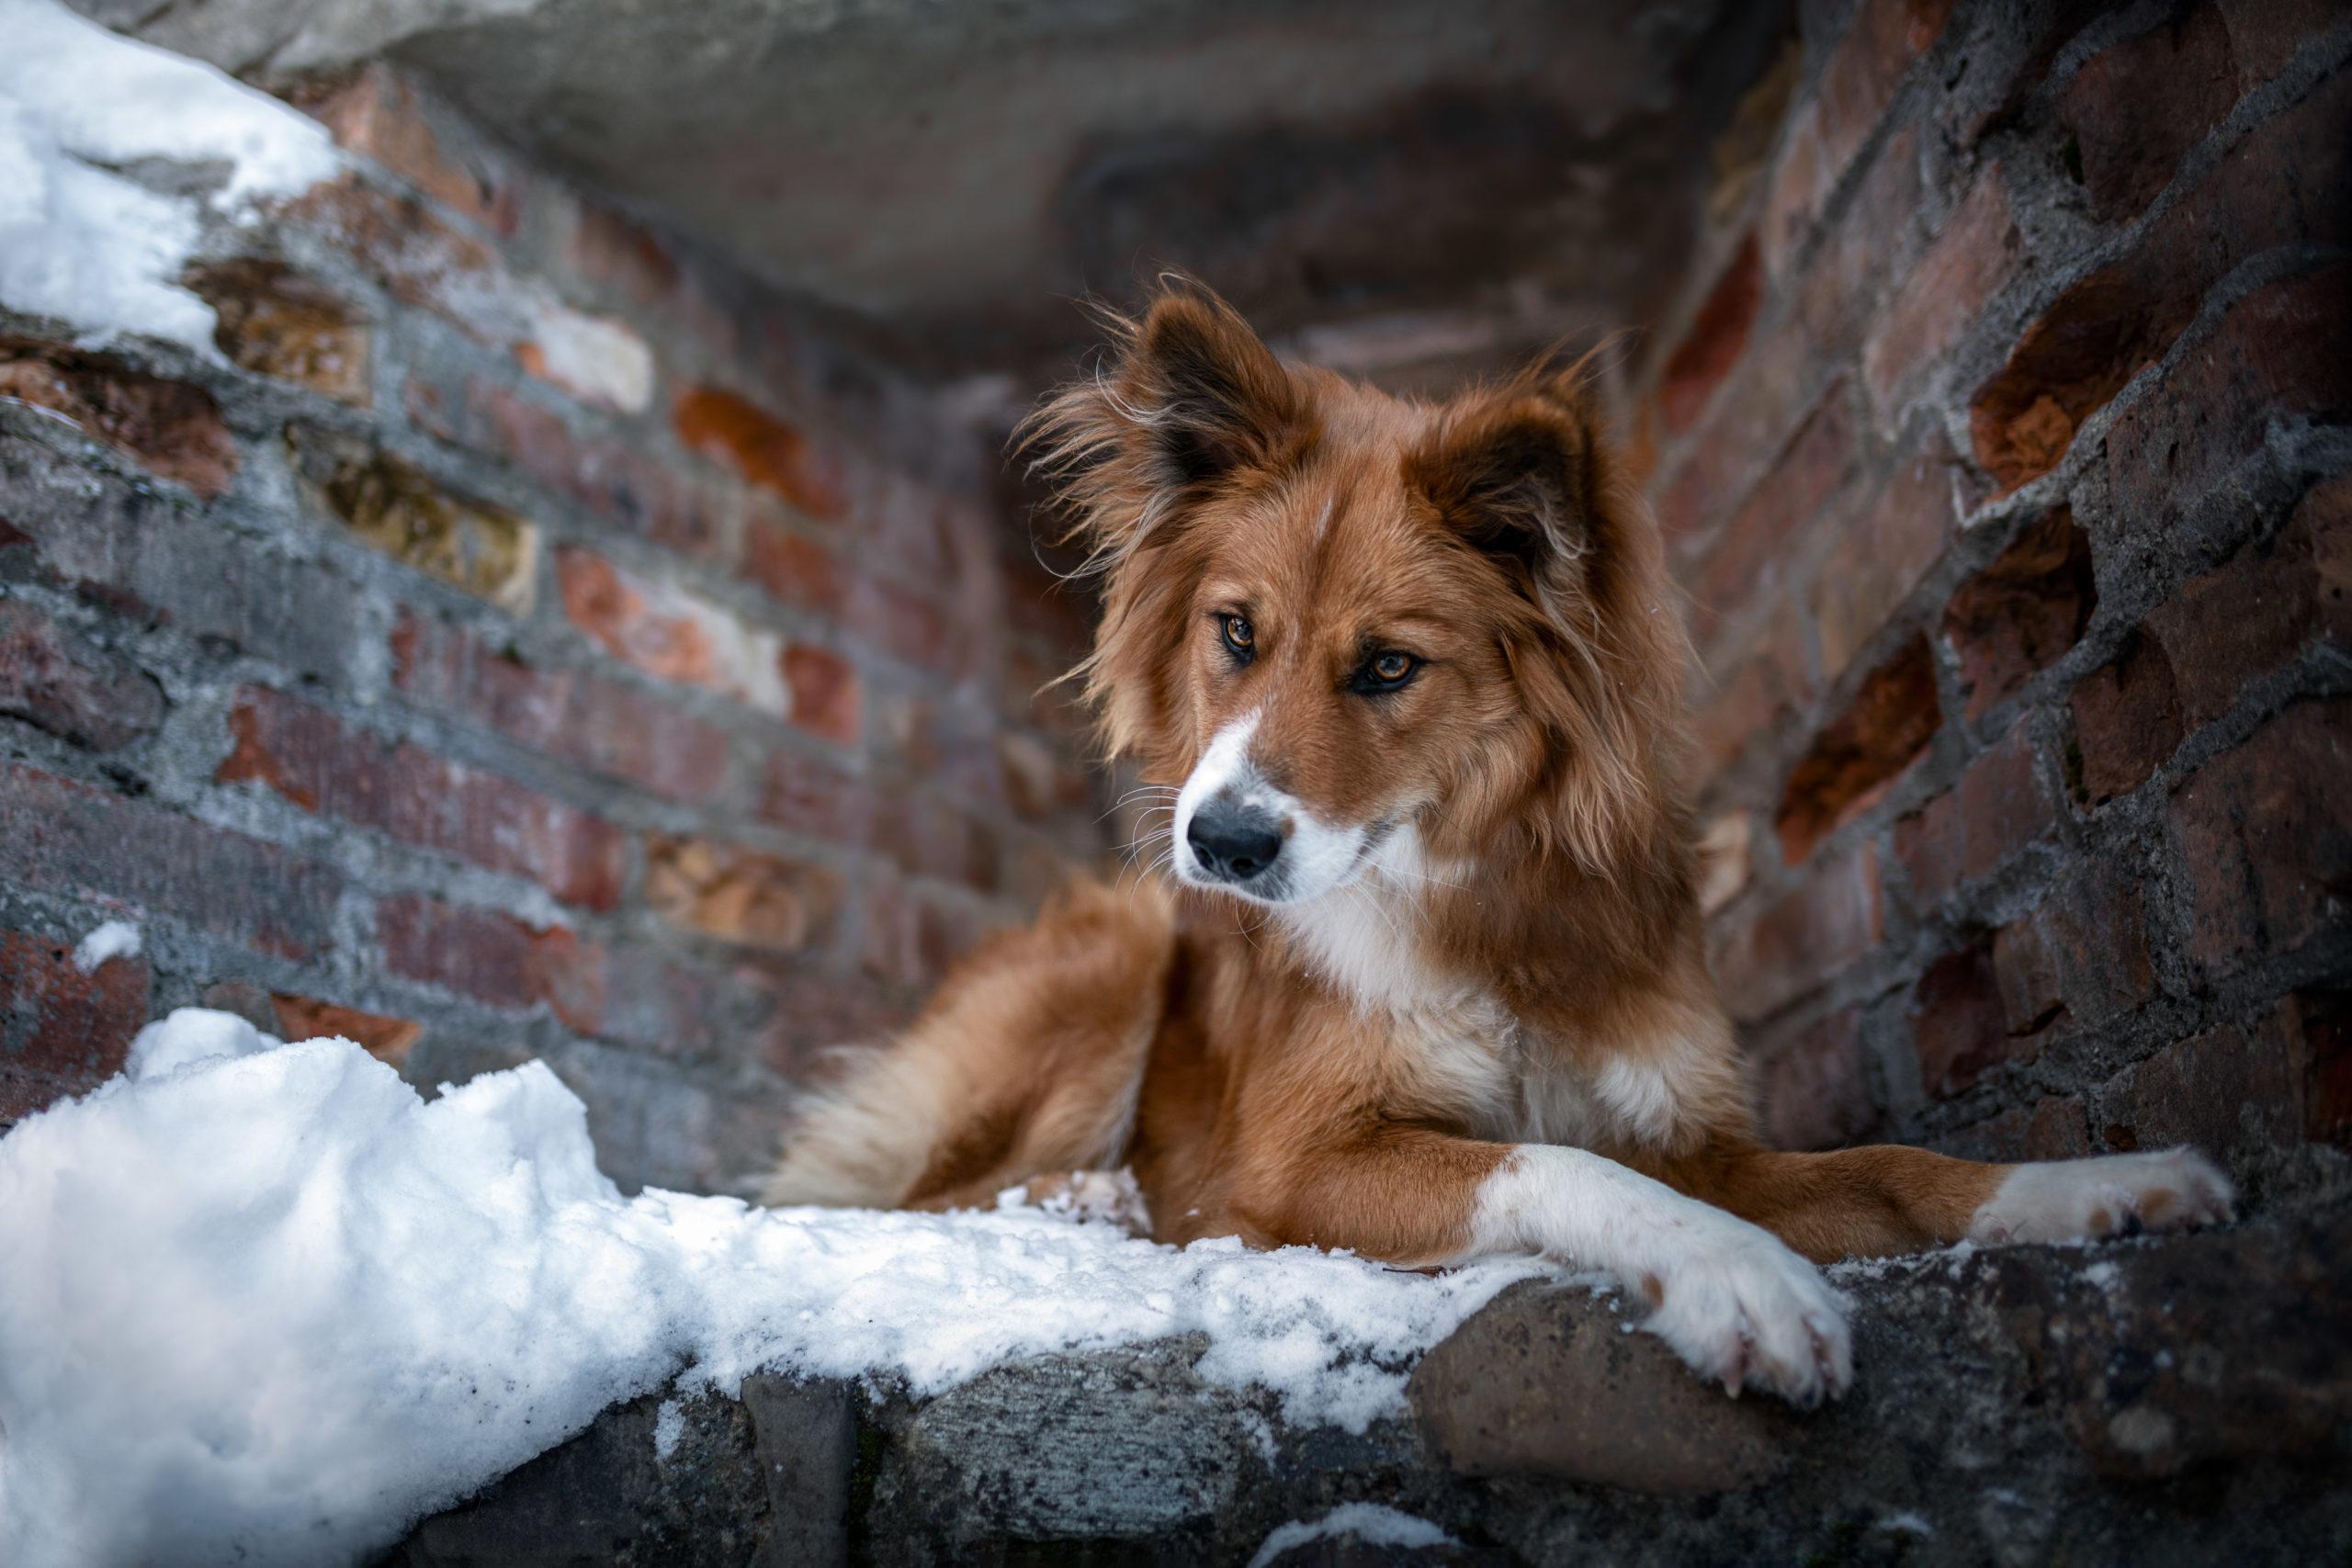 Canilo Hündin beim Burgruinenshooting mit Schnee